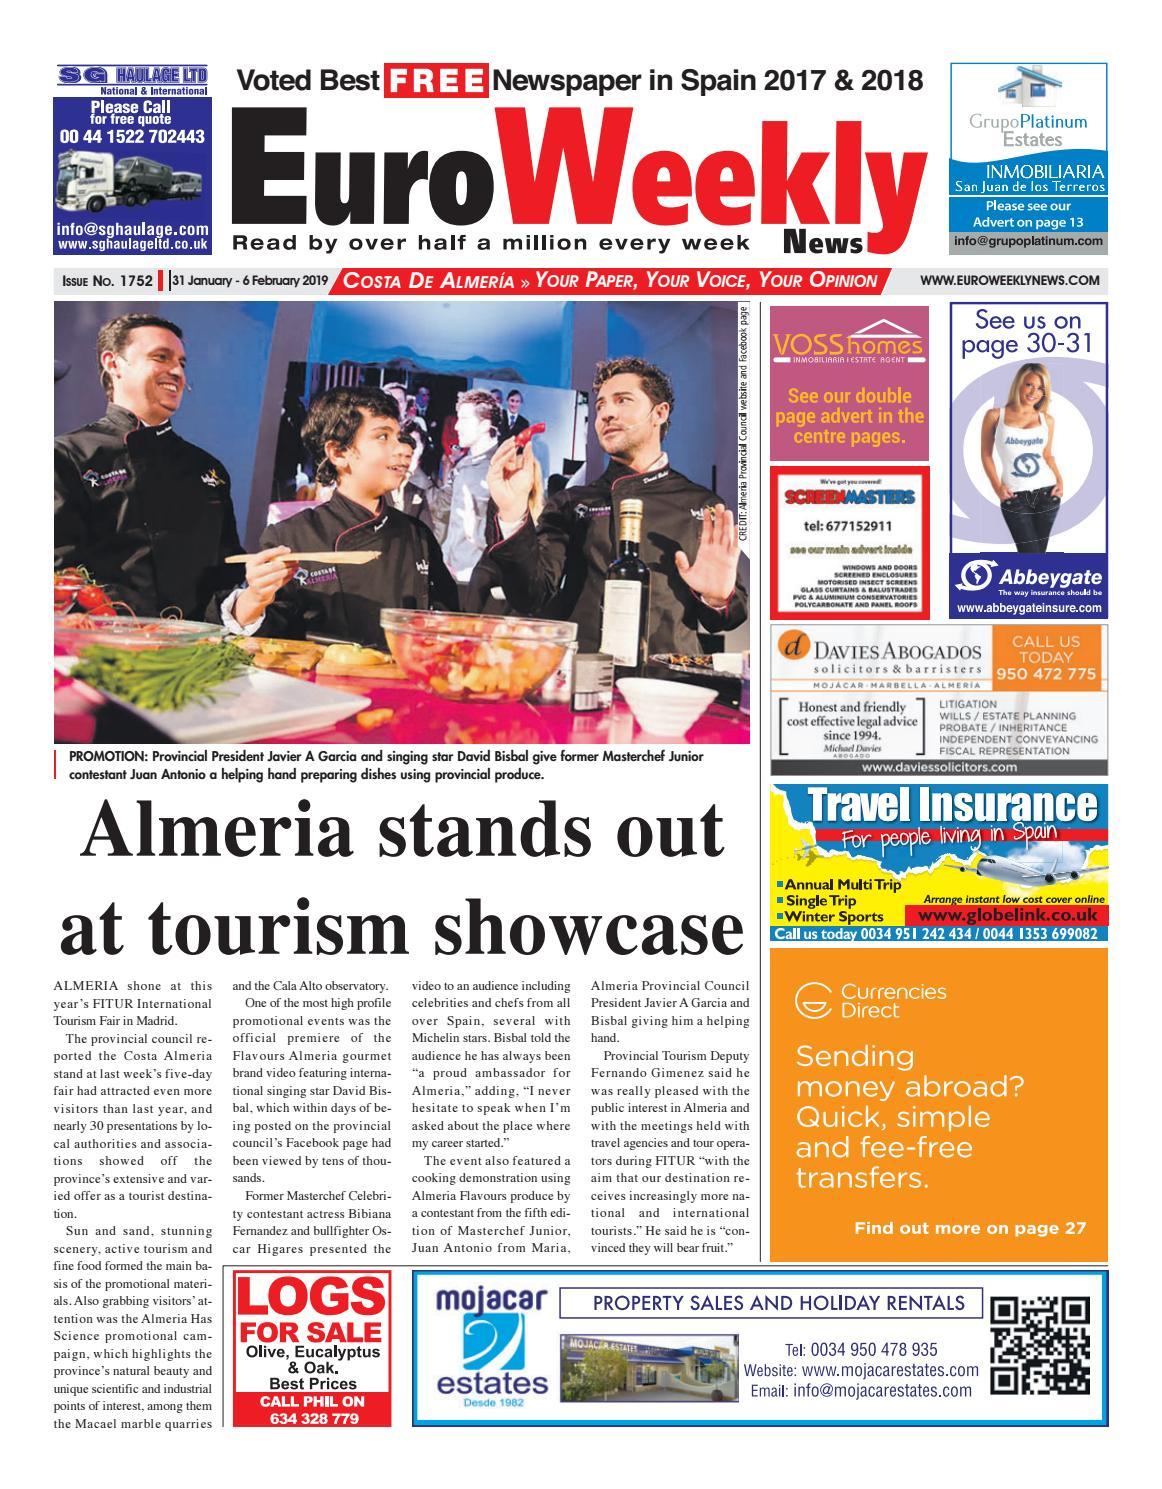 Euro Weekly News - Costa de Almeria 31 Jan - 6 Feb 2019